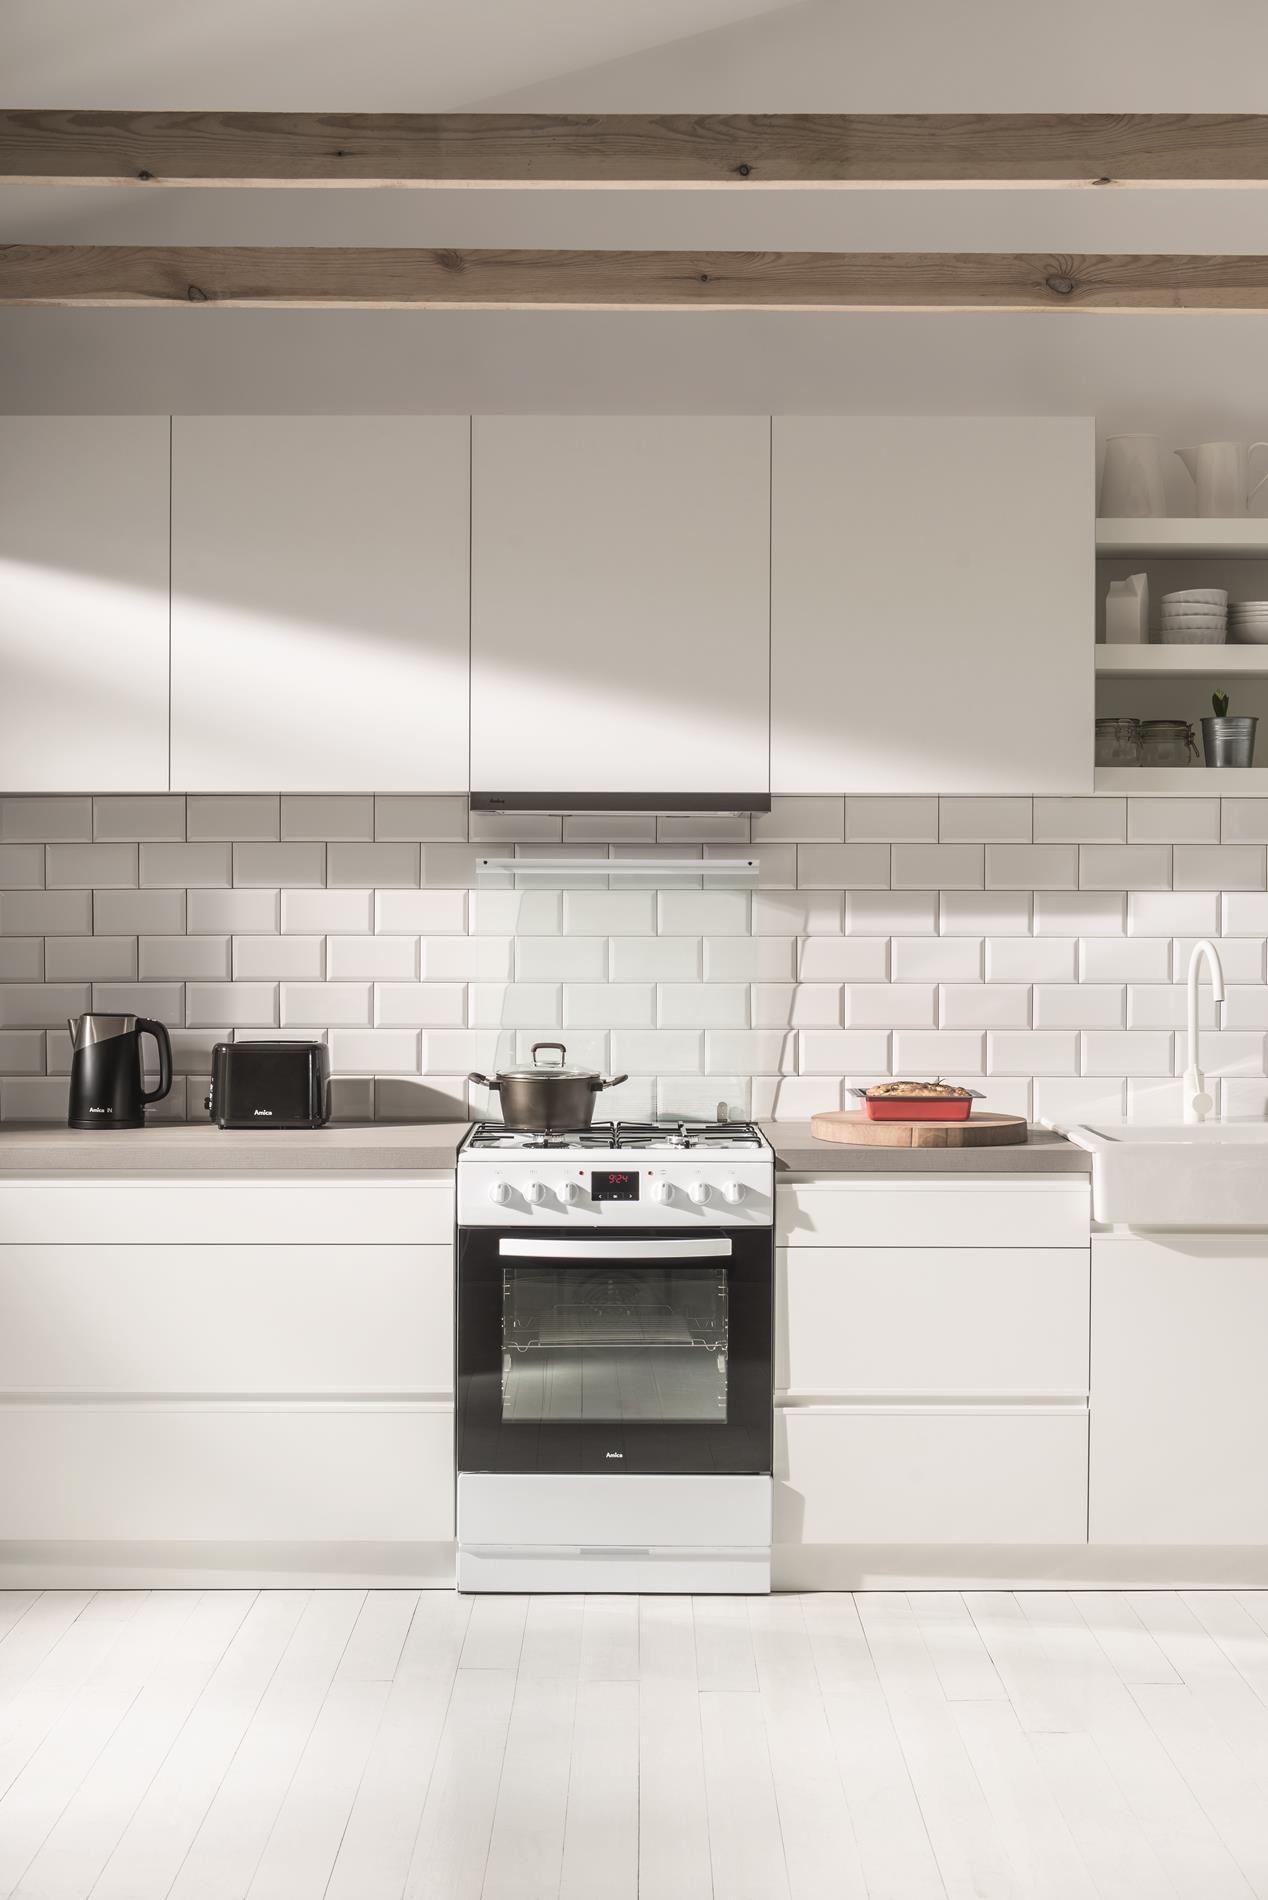 Kuchnia wolnostojąca gazowo elektryczna 600 620GE3 33ZpTaDpNQ(W)  Amica -> Kuchnia Amica Instrukcja Obslugi Piekarnika